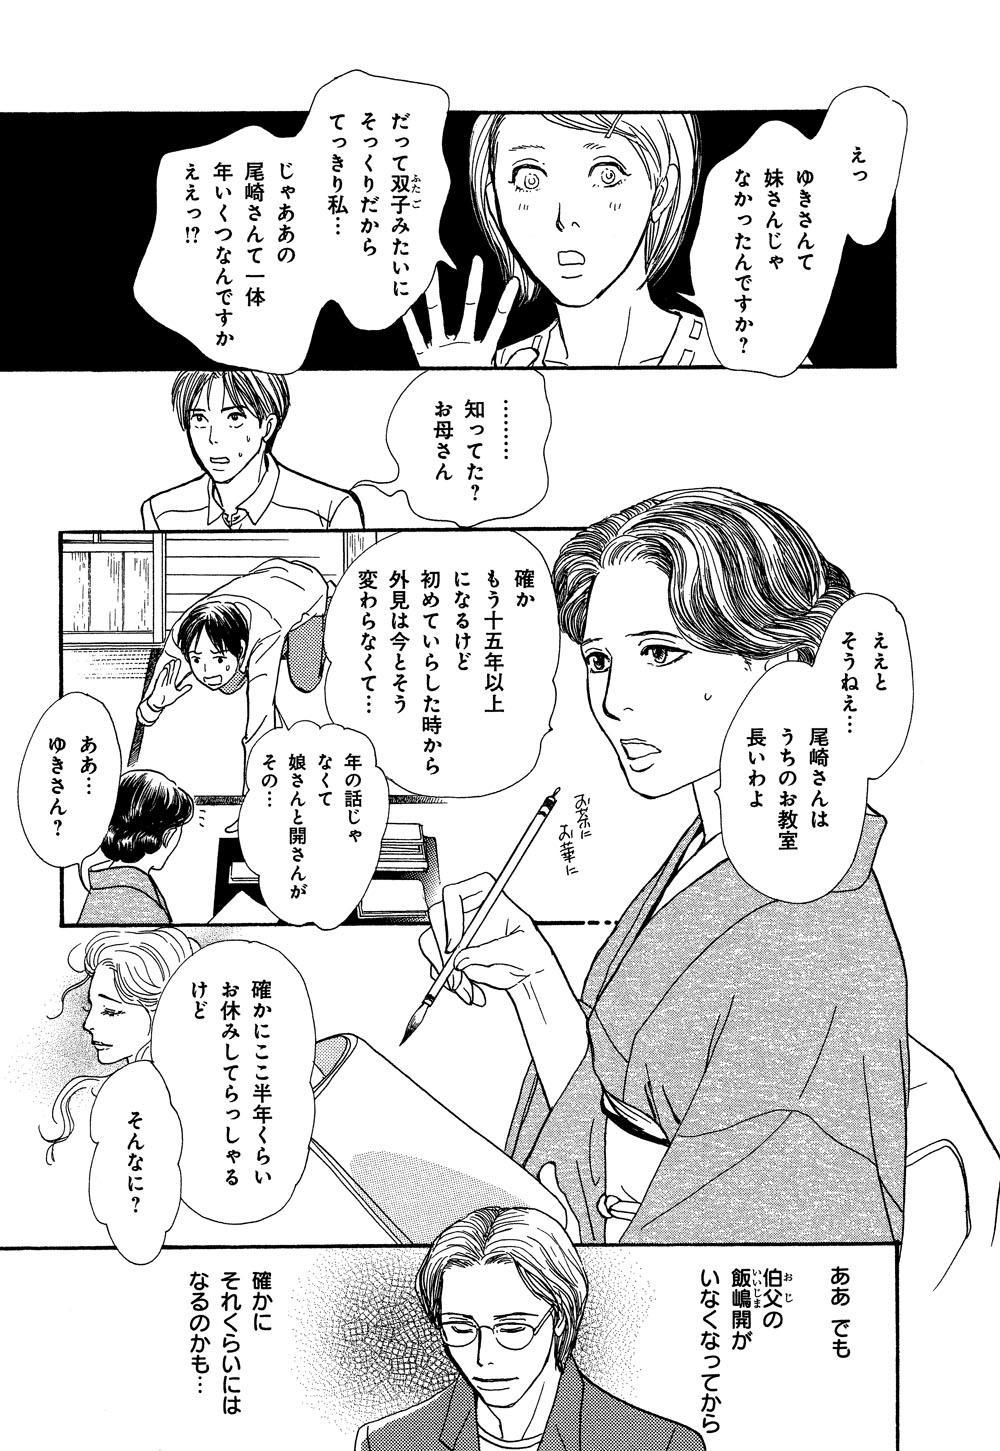 hyakki_0021_0009.jpg